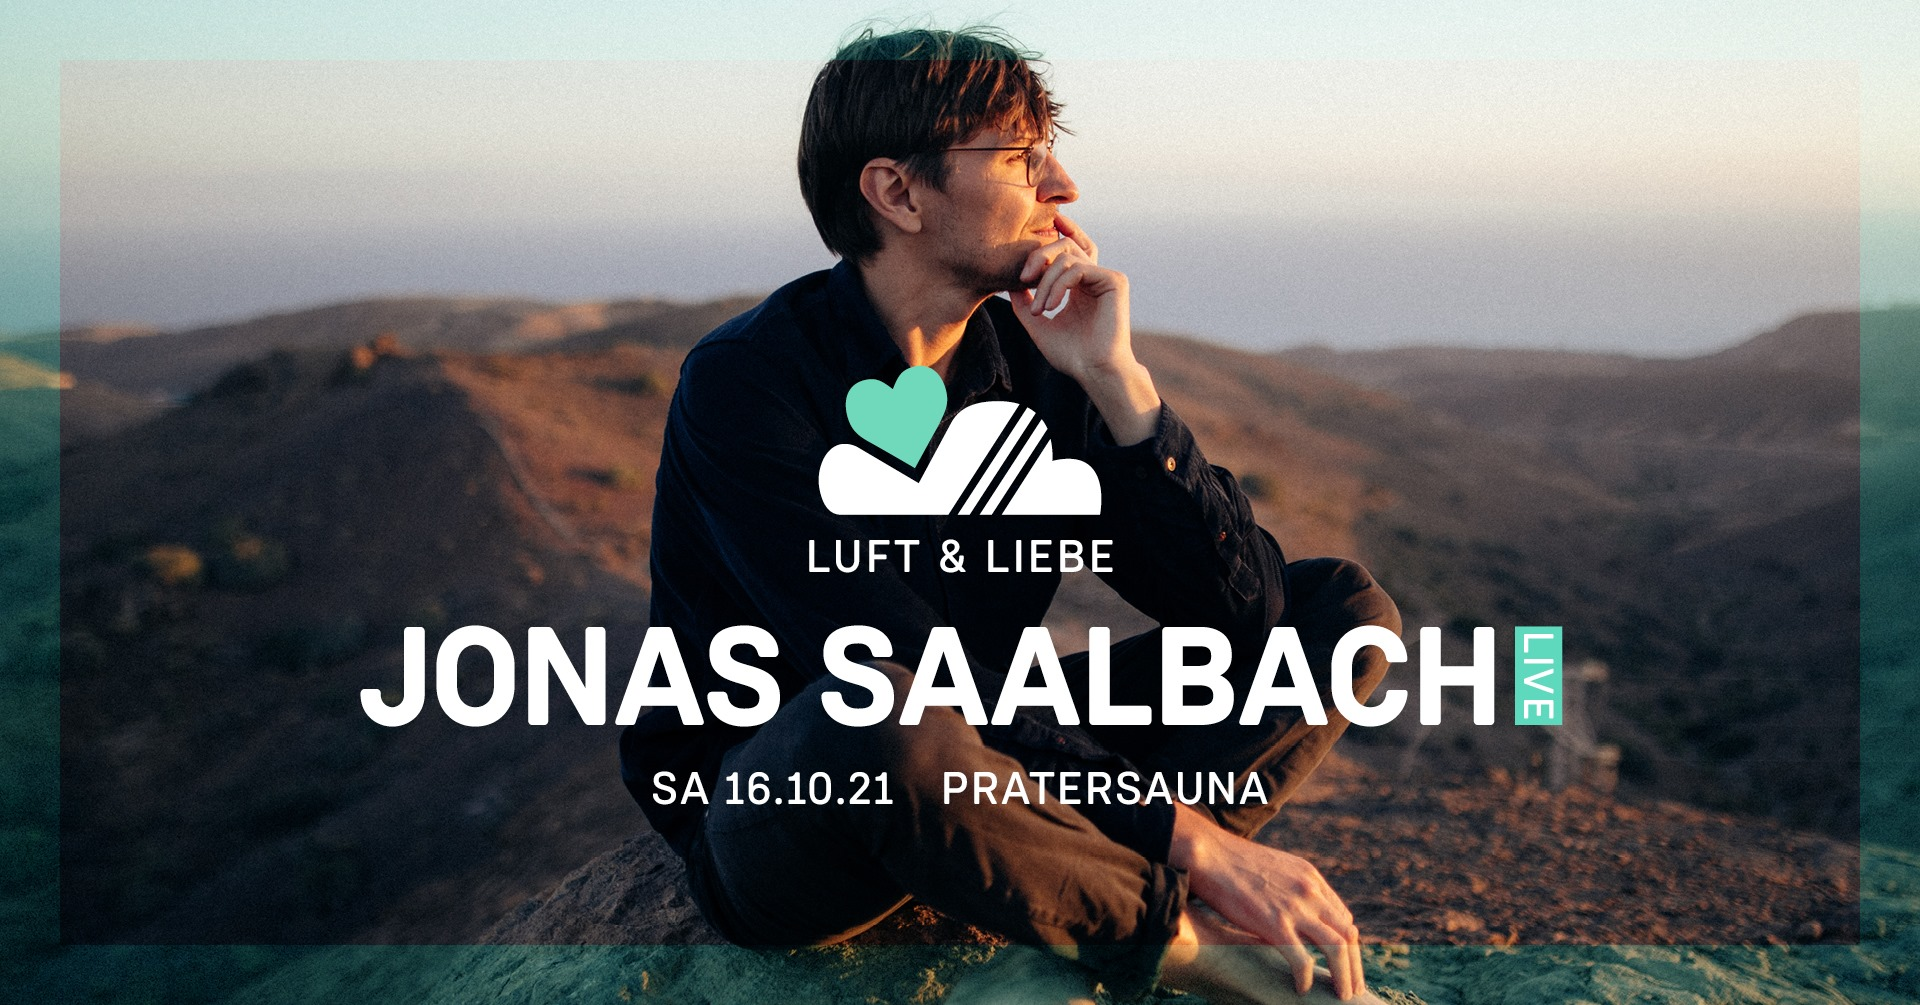 Events Wien: LUFT & LIEBE w/ JONAS SAALBACH live   Pratersauna